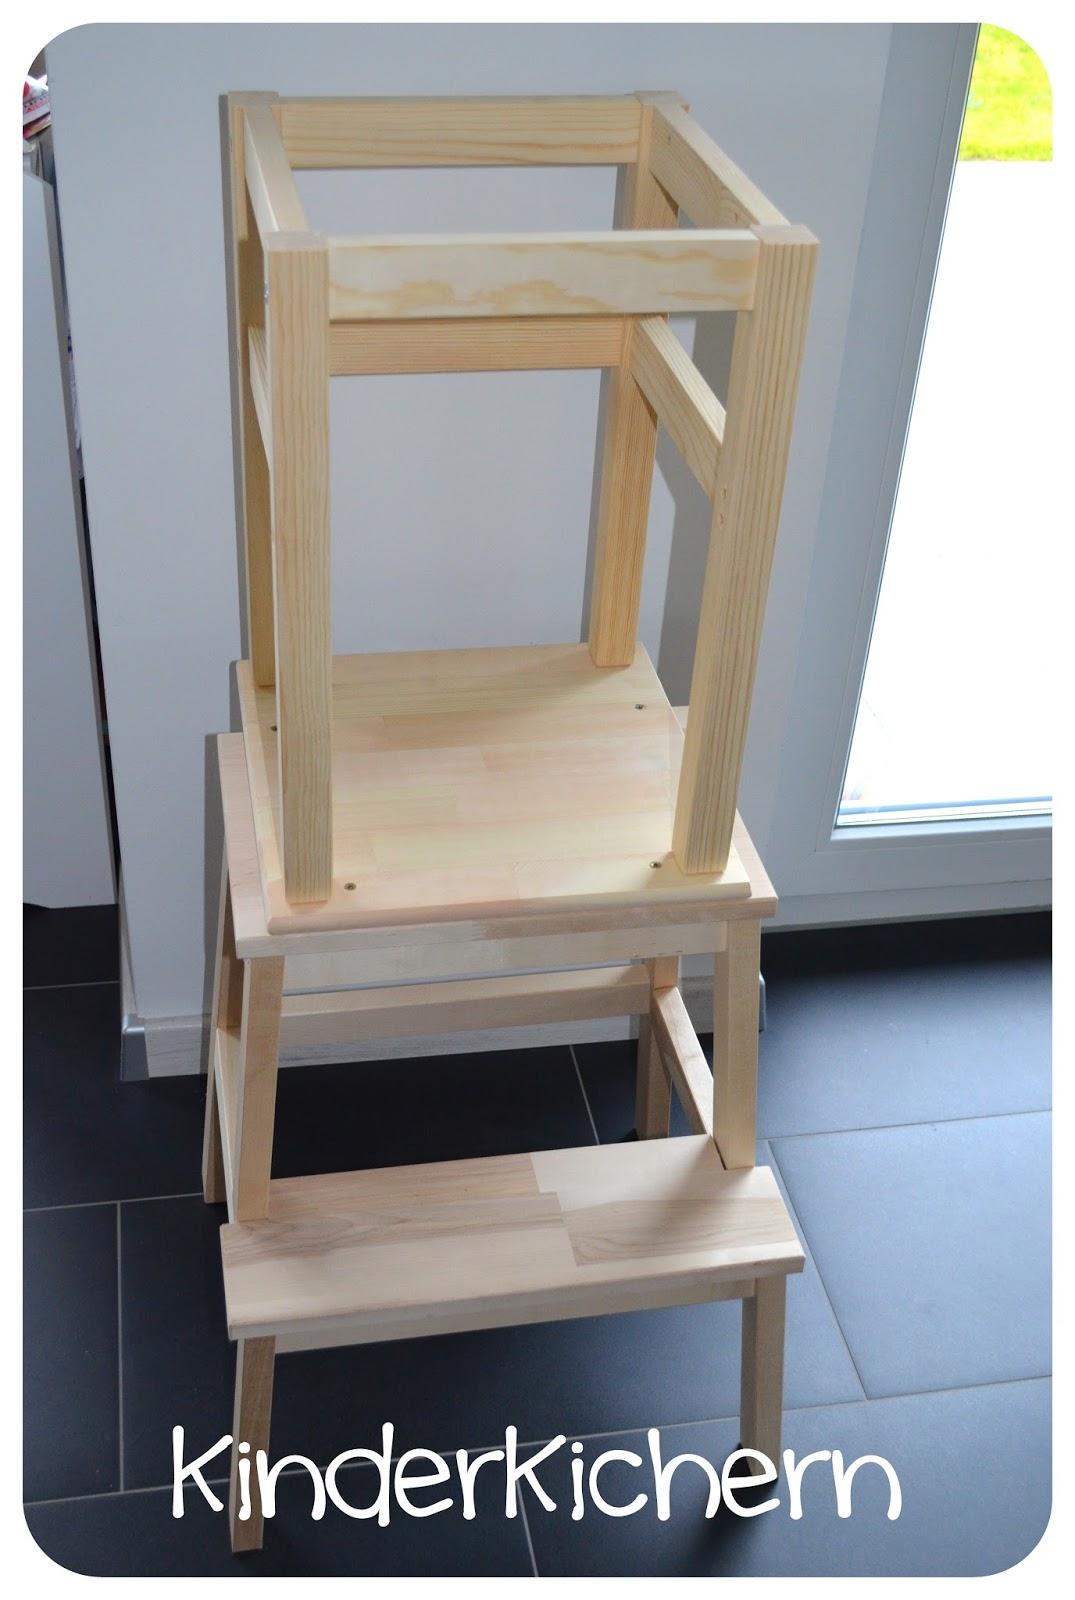 Ikea Hocker kinderkichern anleitung für einen learning tower